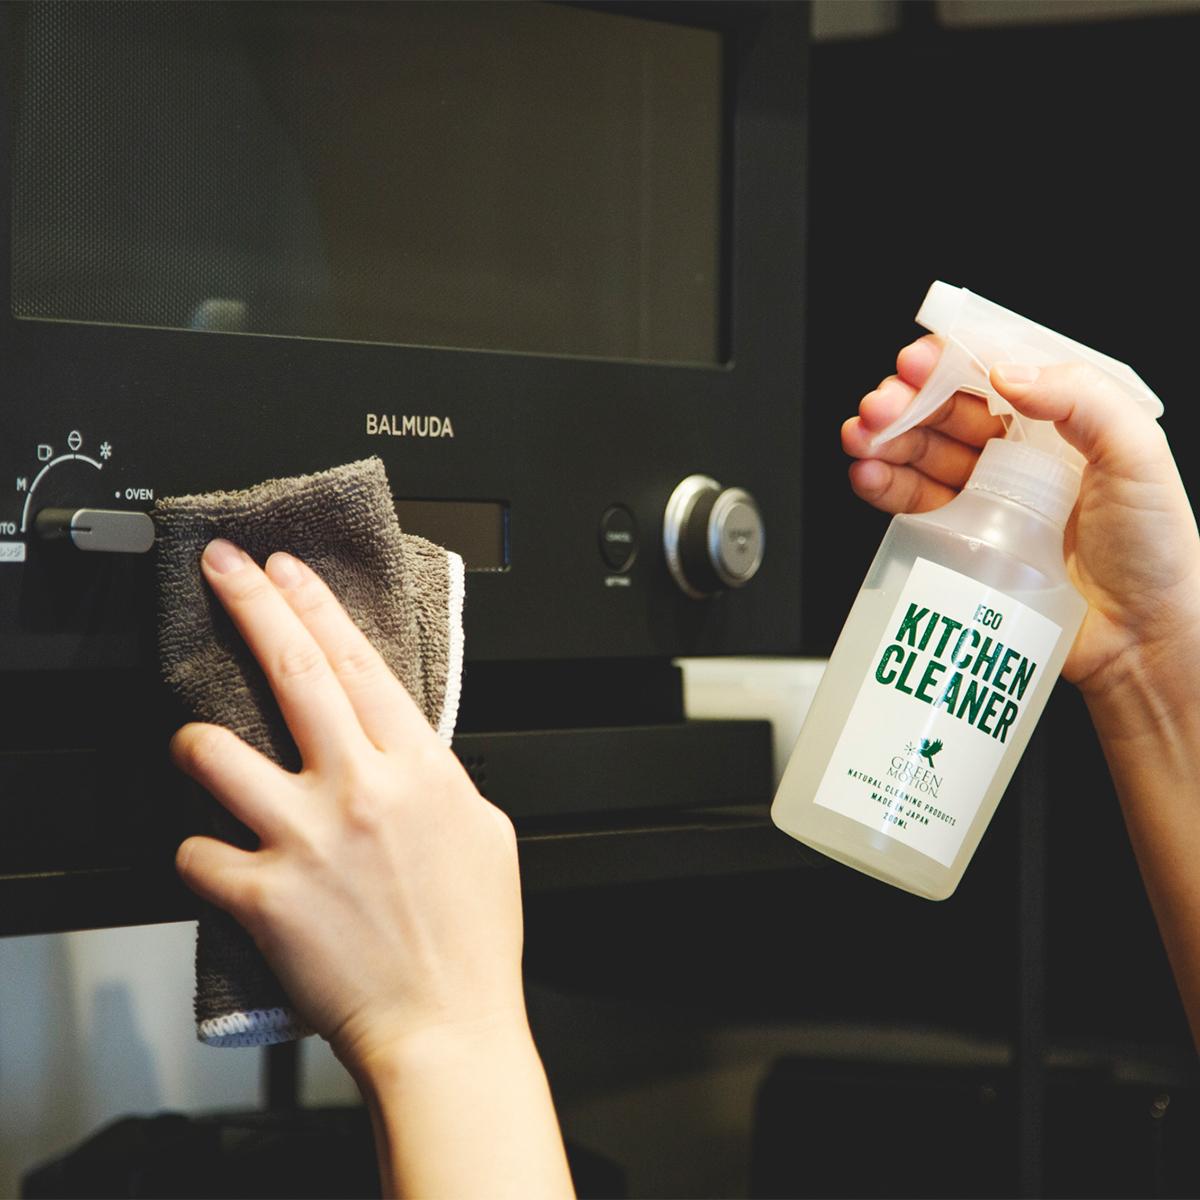 冷蔵庫、炊飯器、電気ケトル、フードプロセッサーなど本体部分が洗えない調理家電に。洗剤なのに、スプレーして拭くだけ!ヒバ精油配合で除菌・消臭もできる「エコキッチンクリーナー」|GREEN MOTION